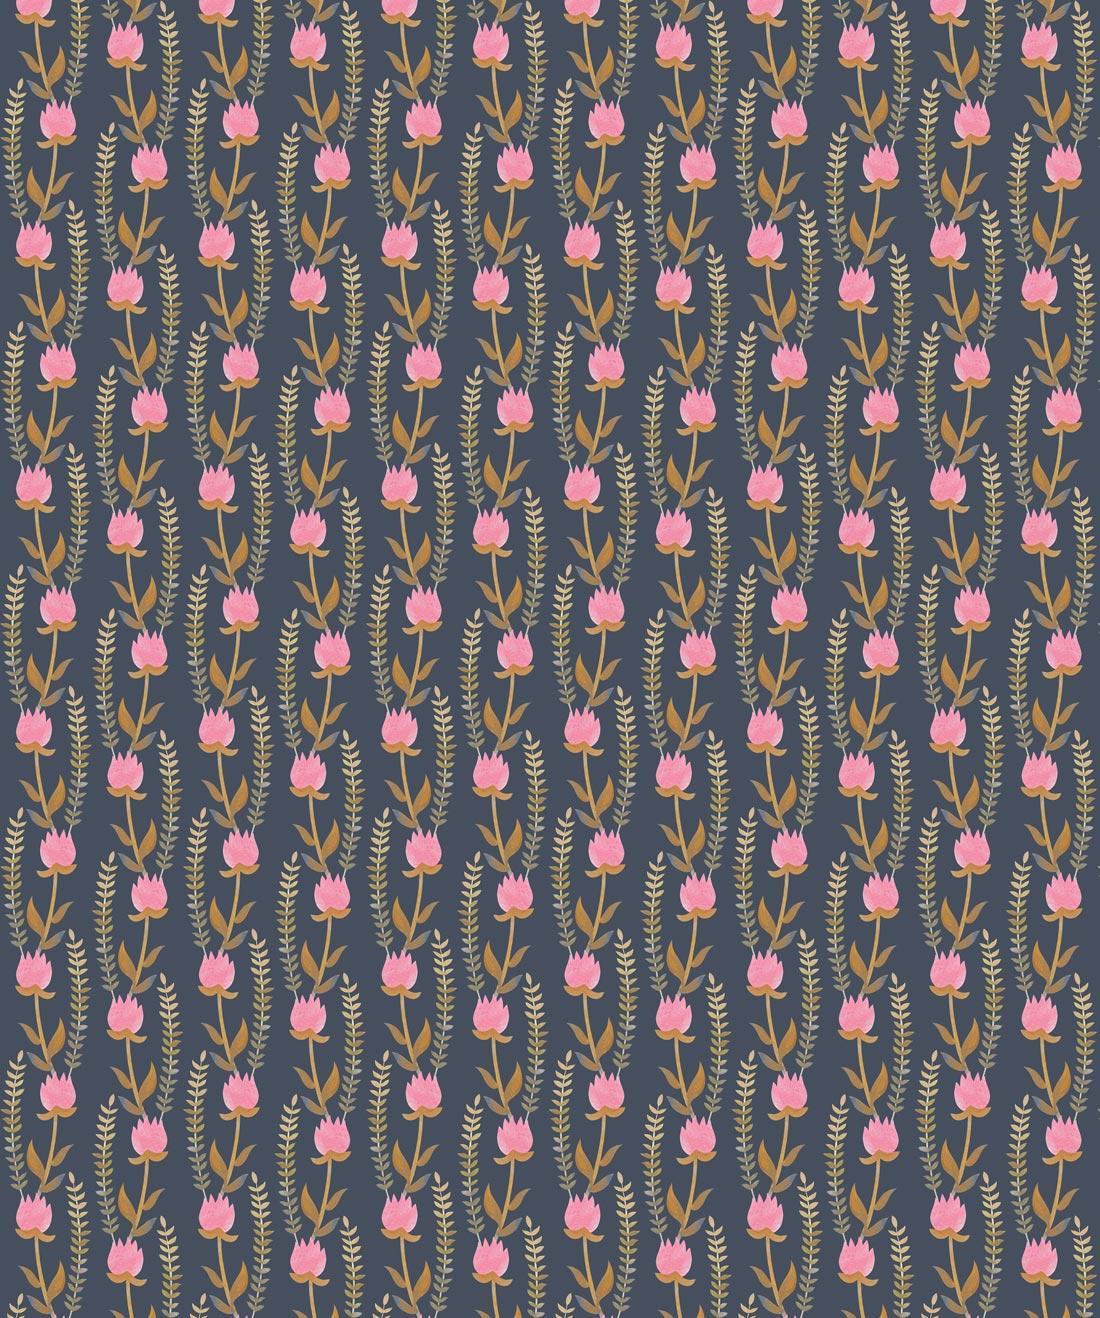 Clover Fields Wallpaper